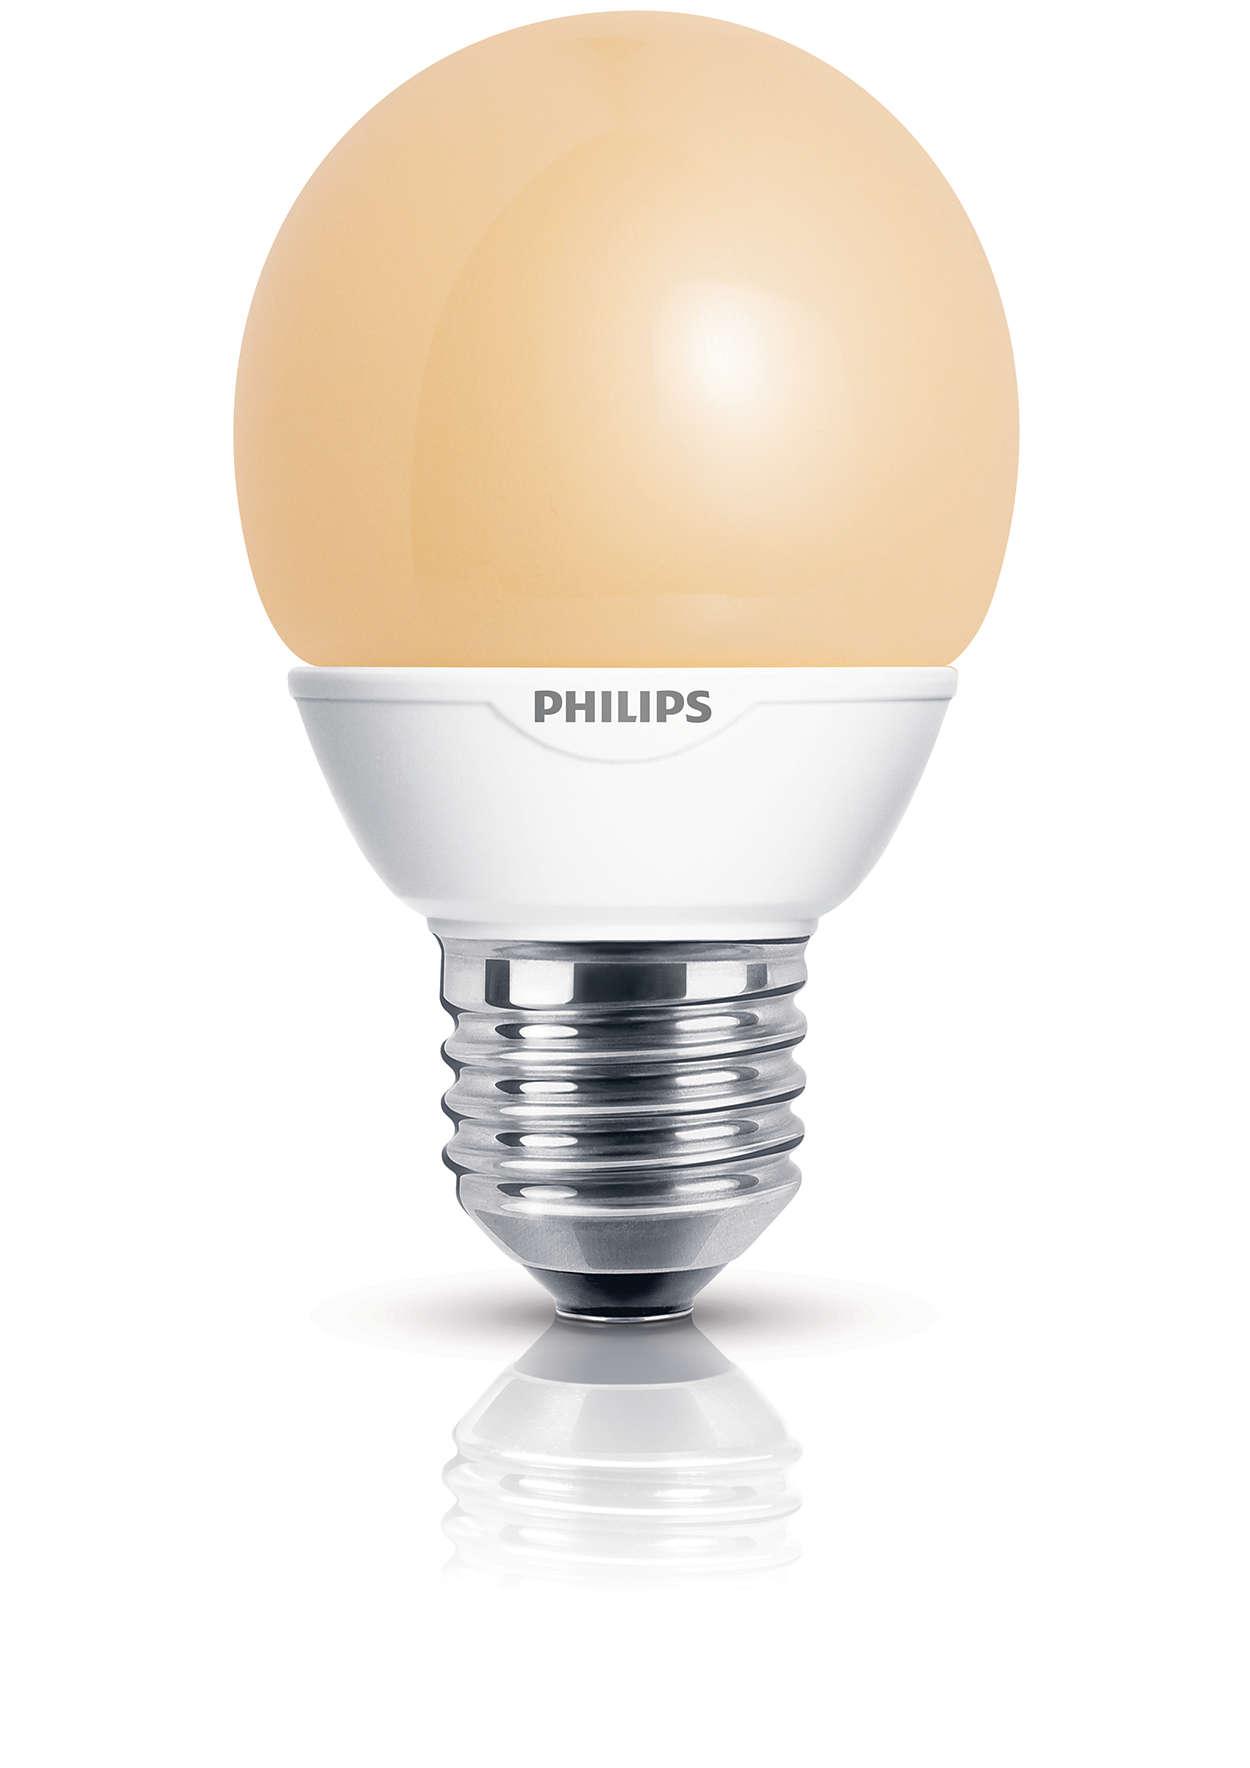 Disfruta de una luz más suave